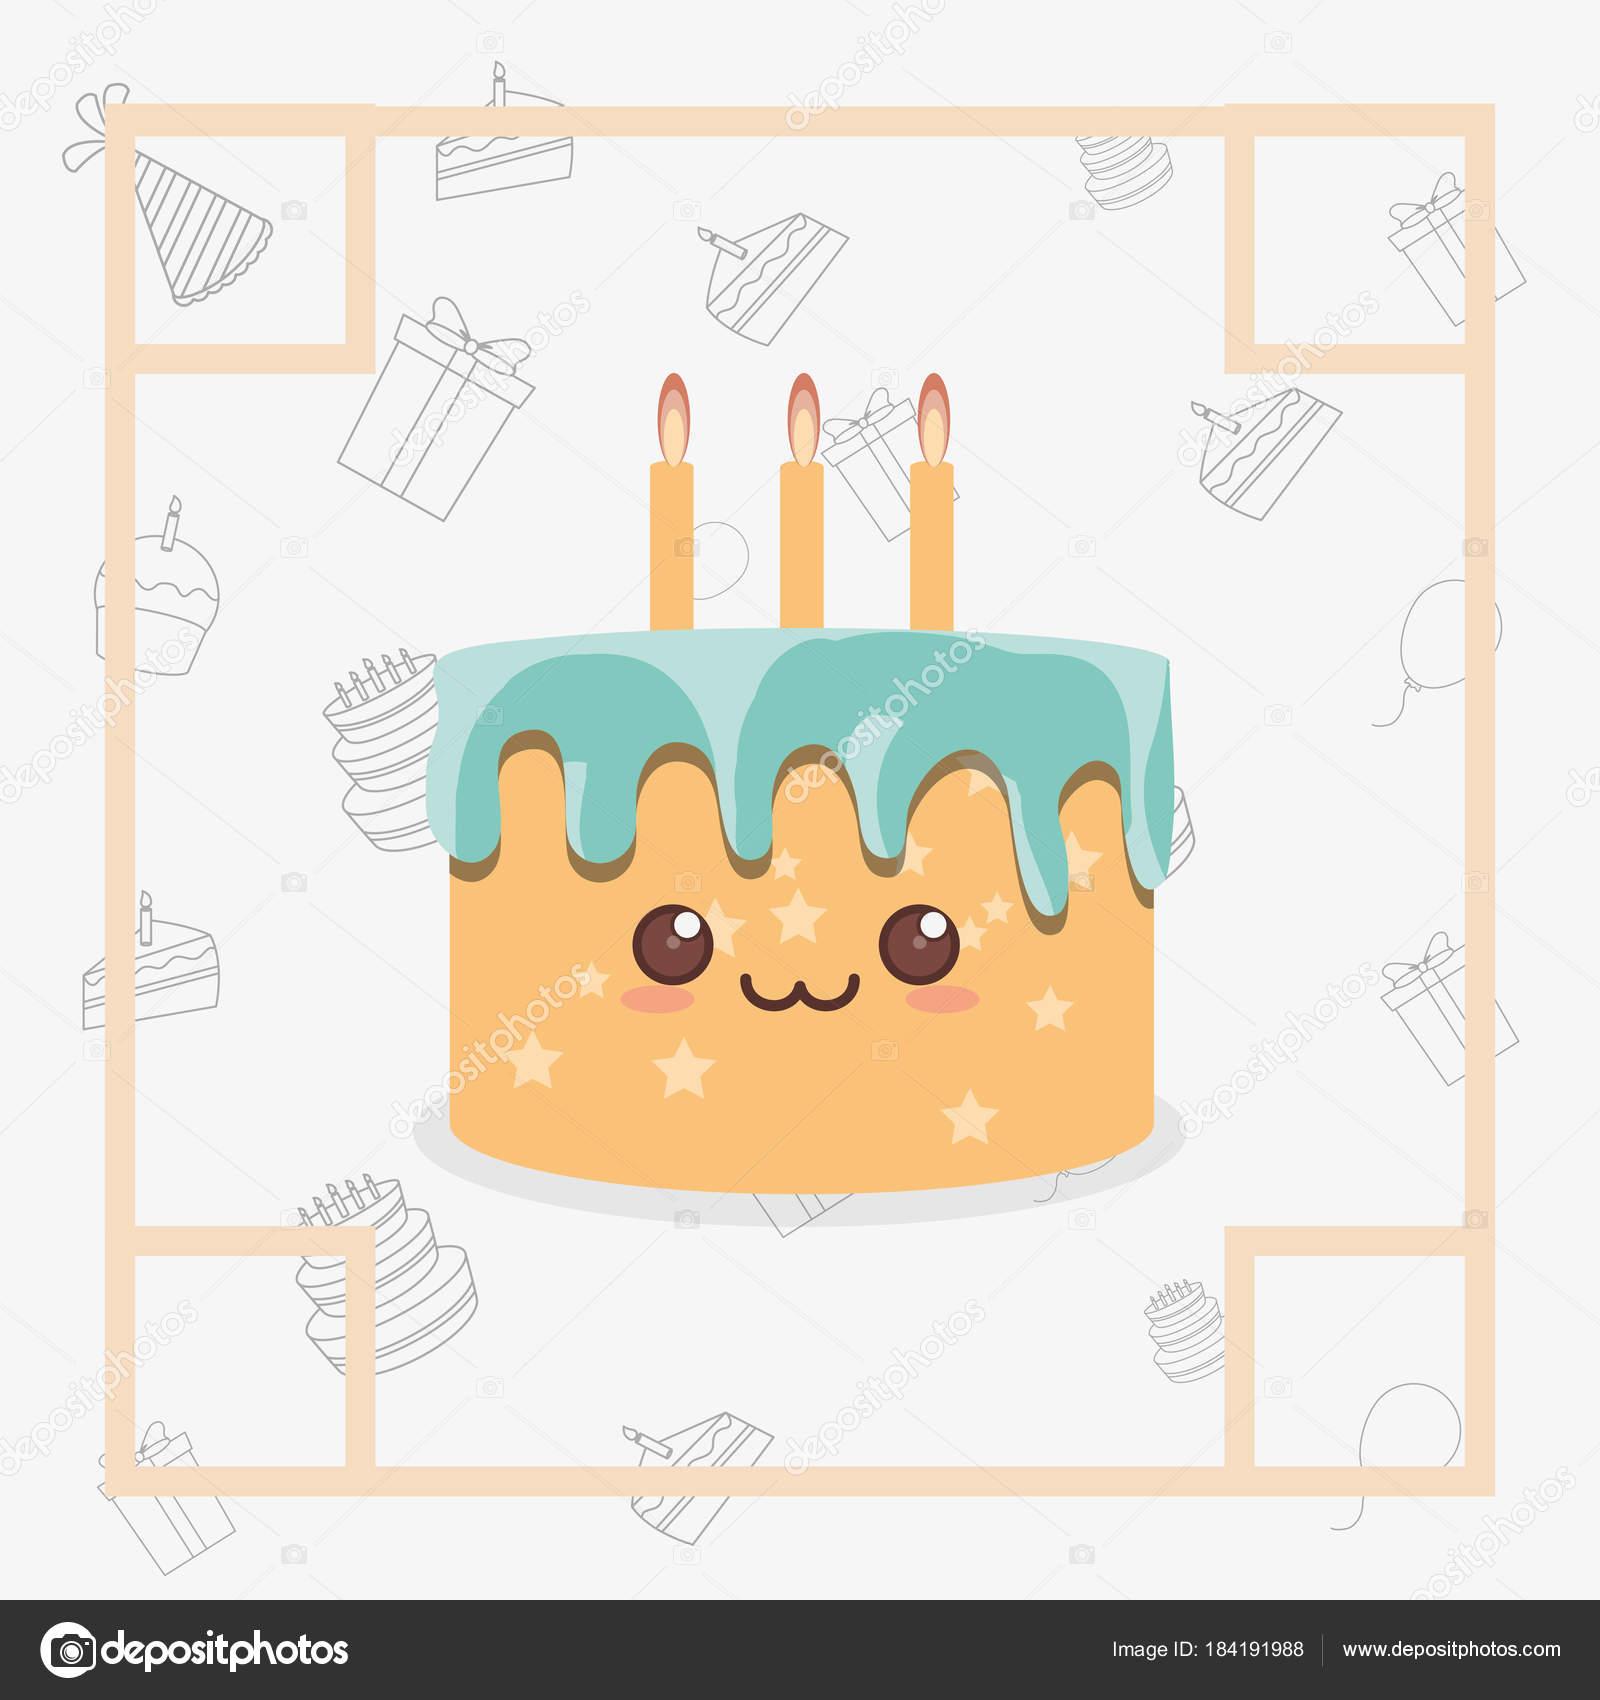 Cake Eps File